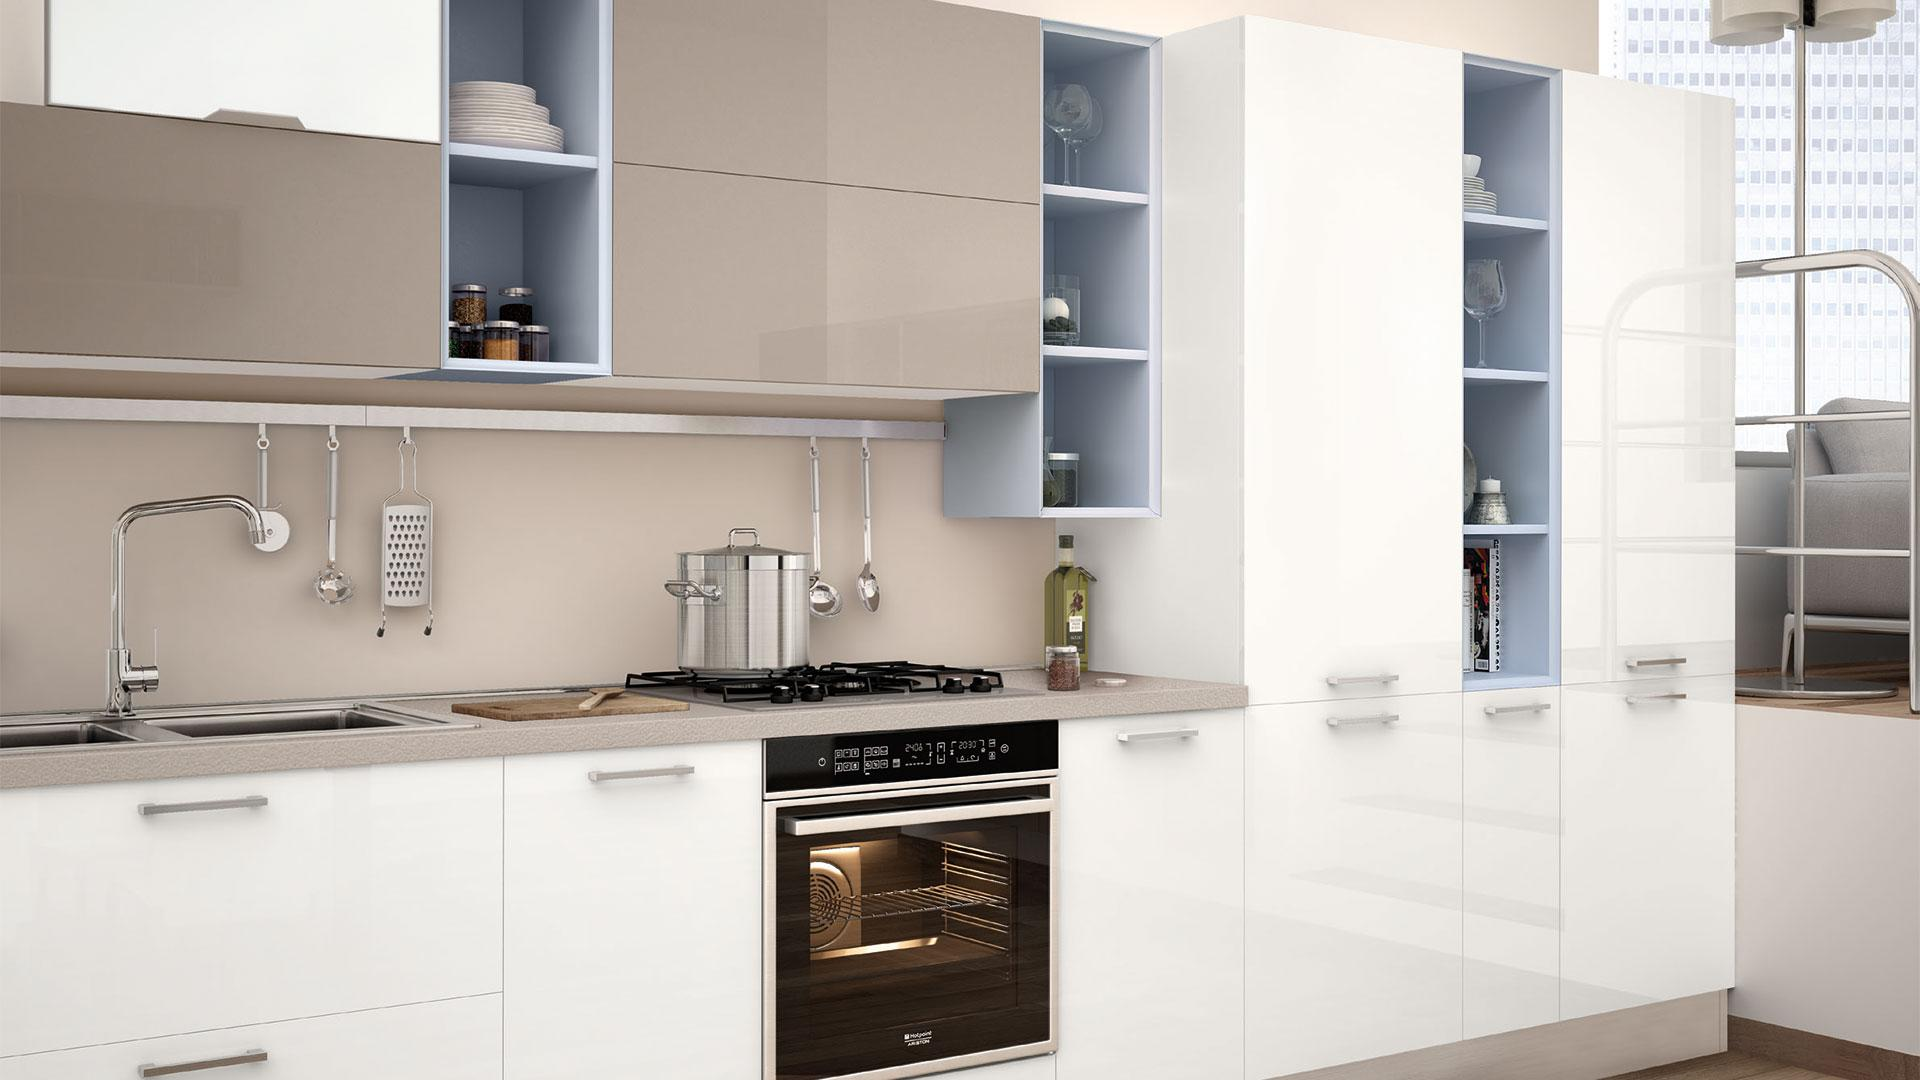 Paraschizzi per la cucina: materiale e consigli per la scelta - Lube ...